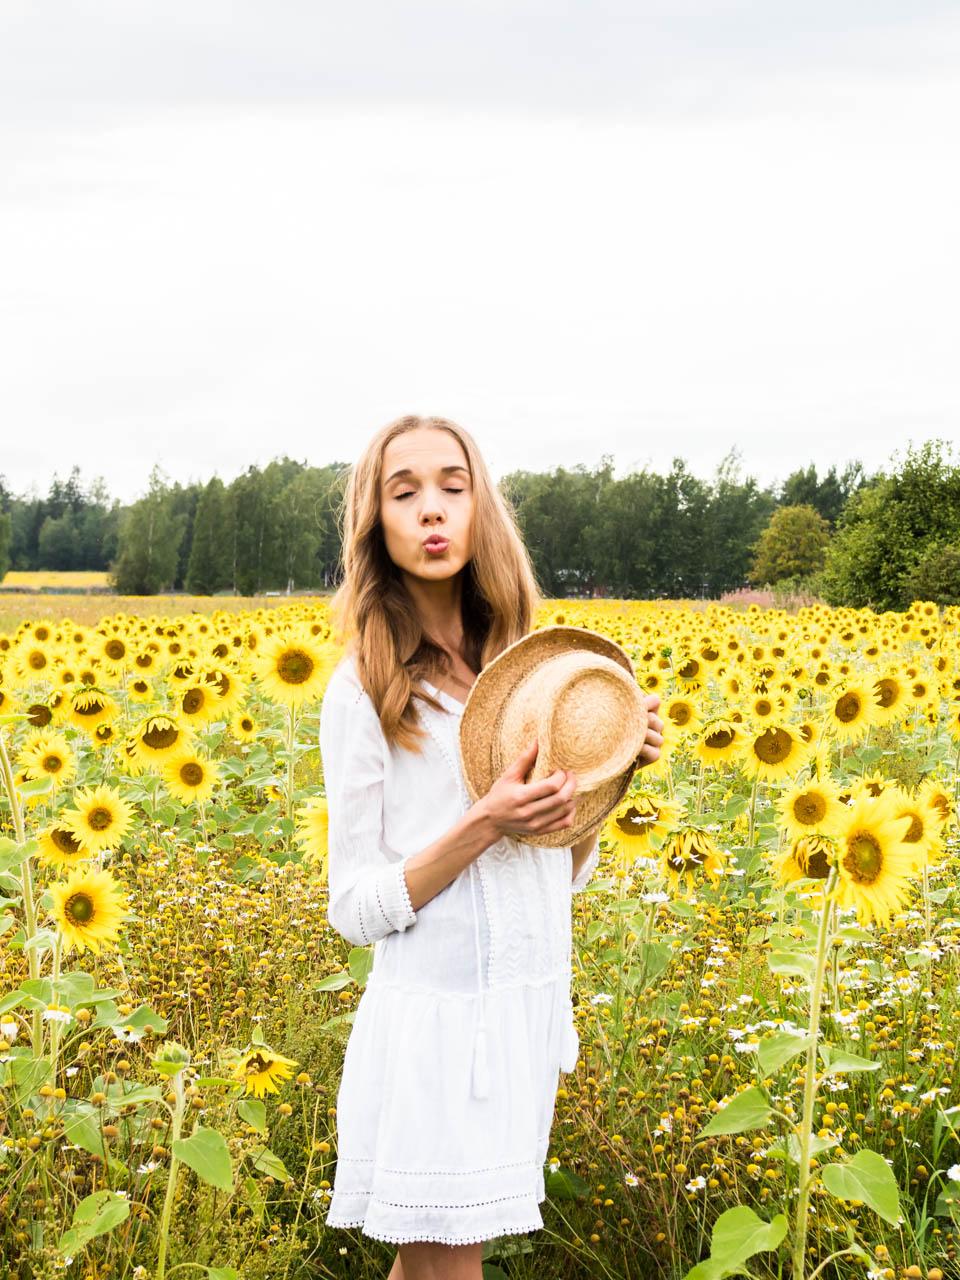 sunflower-field-photography-fashion-blogger-summer-trends-2019-cycling-shorts-auringonkukkapelto-muoti-bloggaaja-kesä-trendit-pyöräilyshortsit